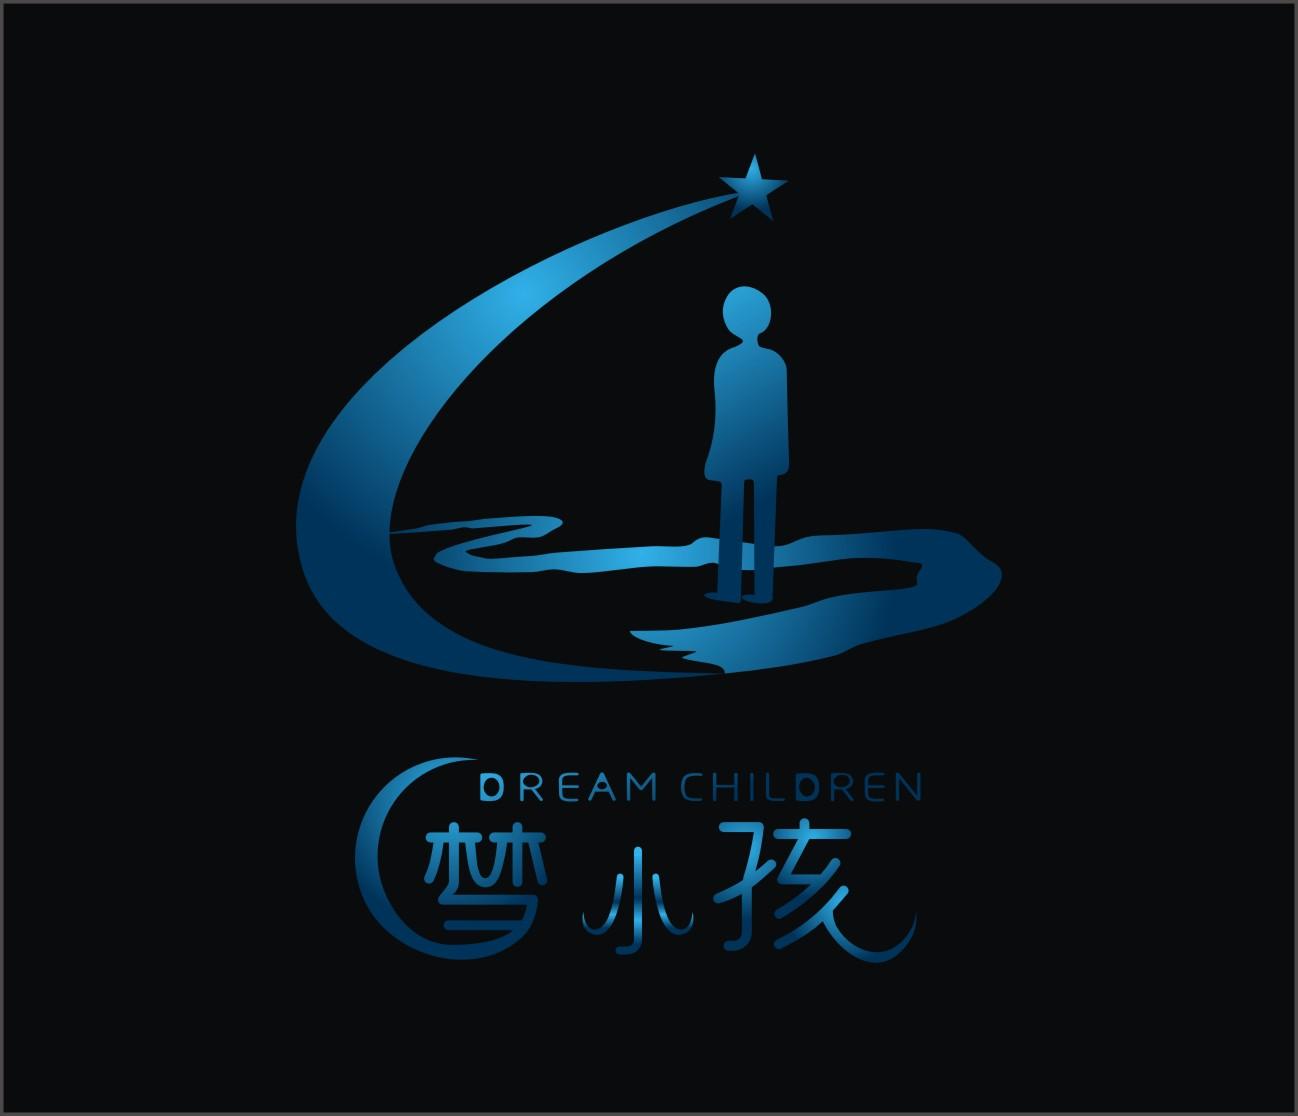 梦小孩创意手绘 logo设计|平面|标志|喜恋思意 - 原创